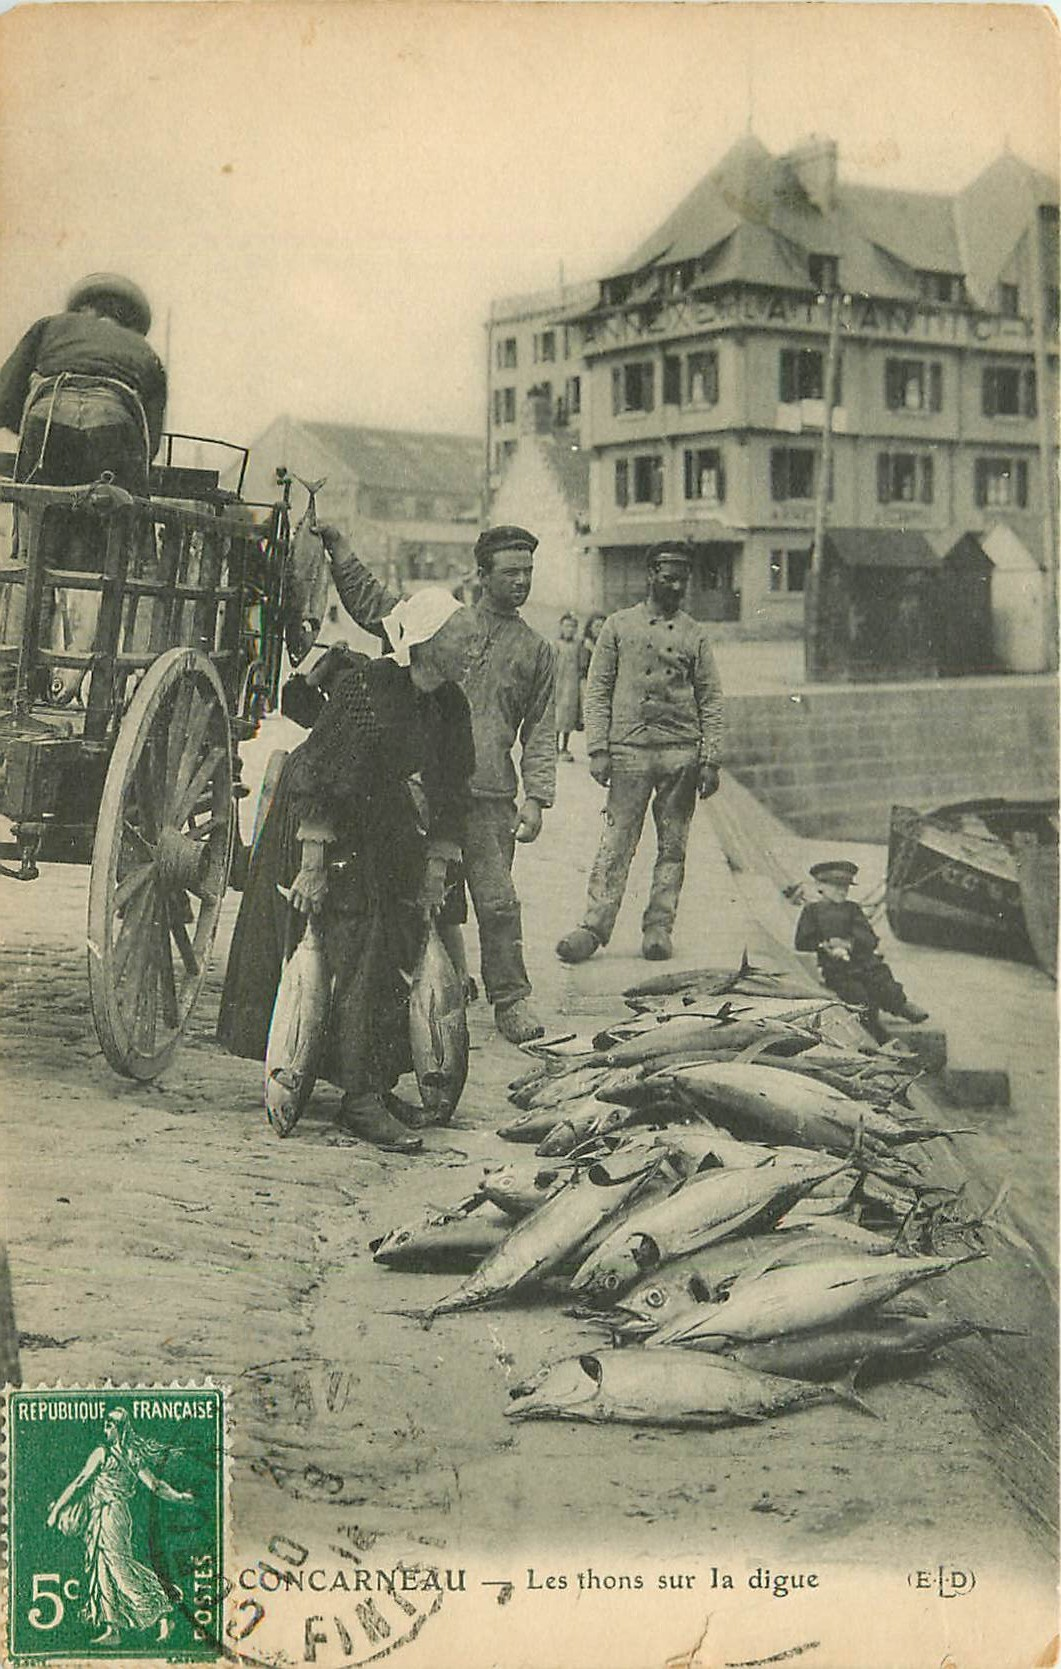 29 CONCARNEAU. Les Thons sur la Digue 1913 (défauts)